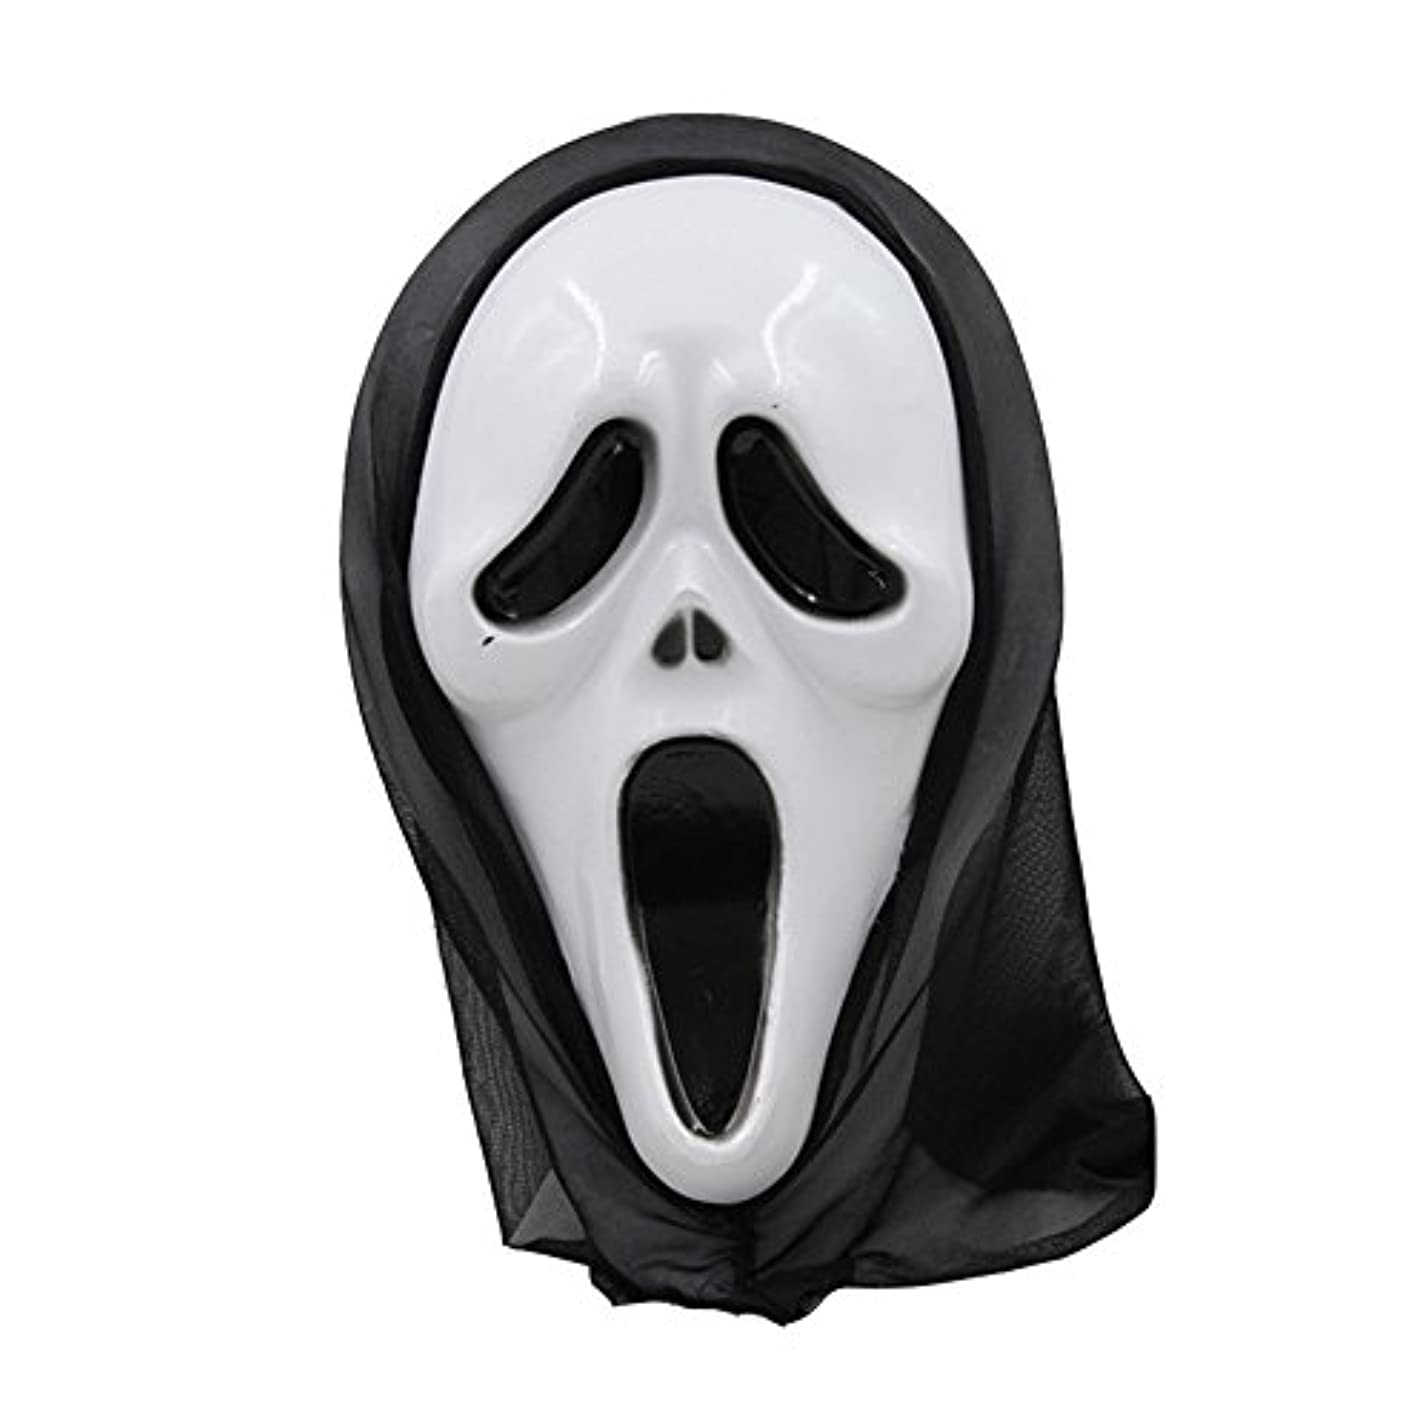 スーパー故障中レディハロウィーンマスク仮面舞踏会全体の小道具フェイスマスクホラー叫びマスク